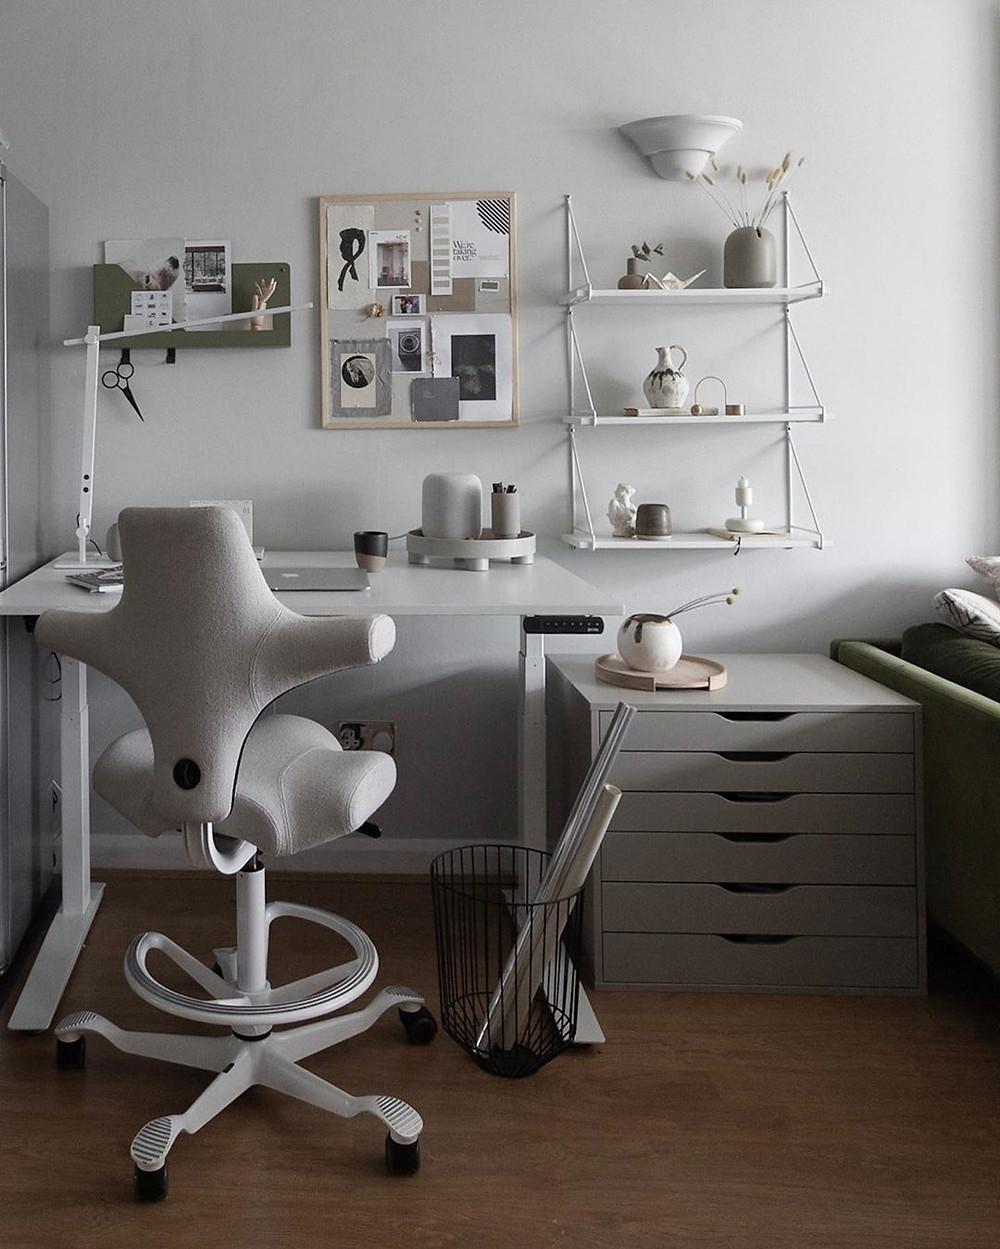 שולחן חשמלי, כיסא ארגונומי